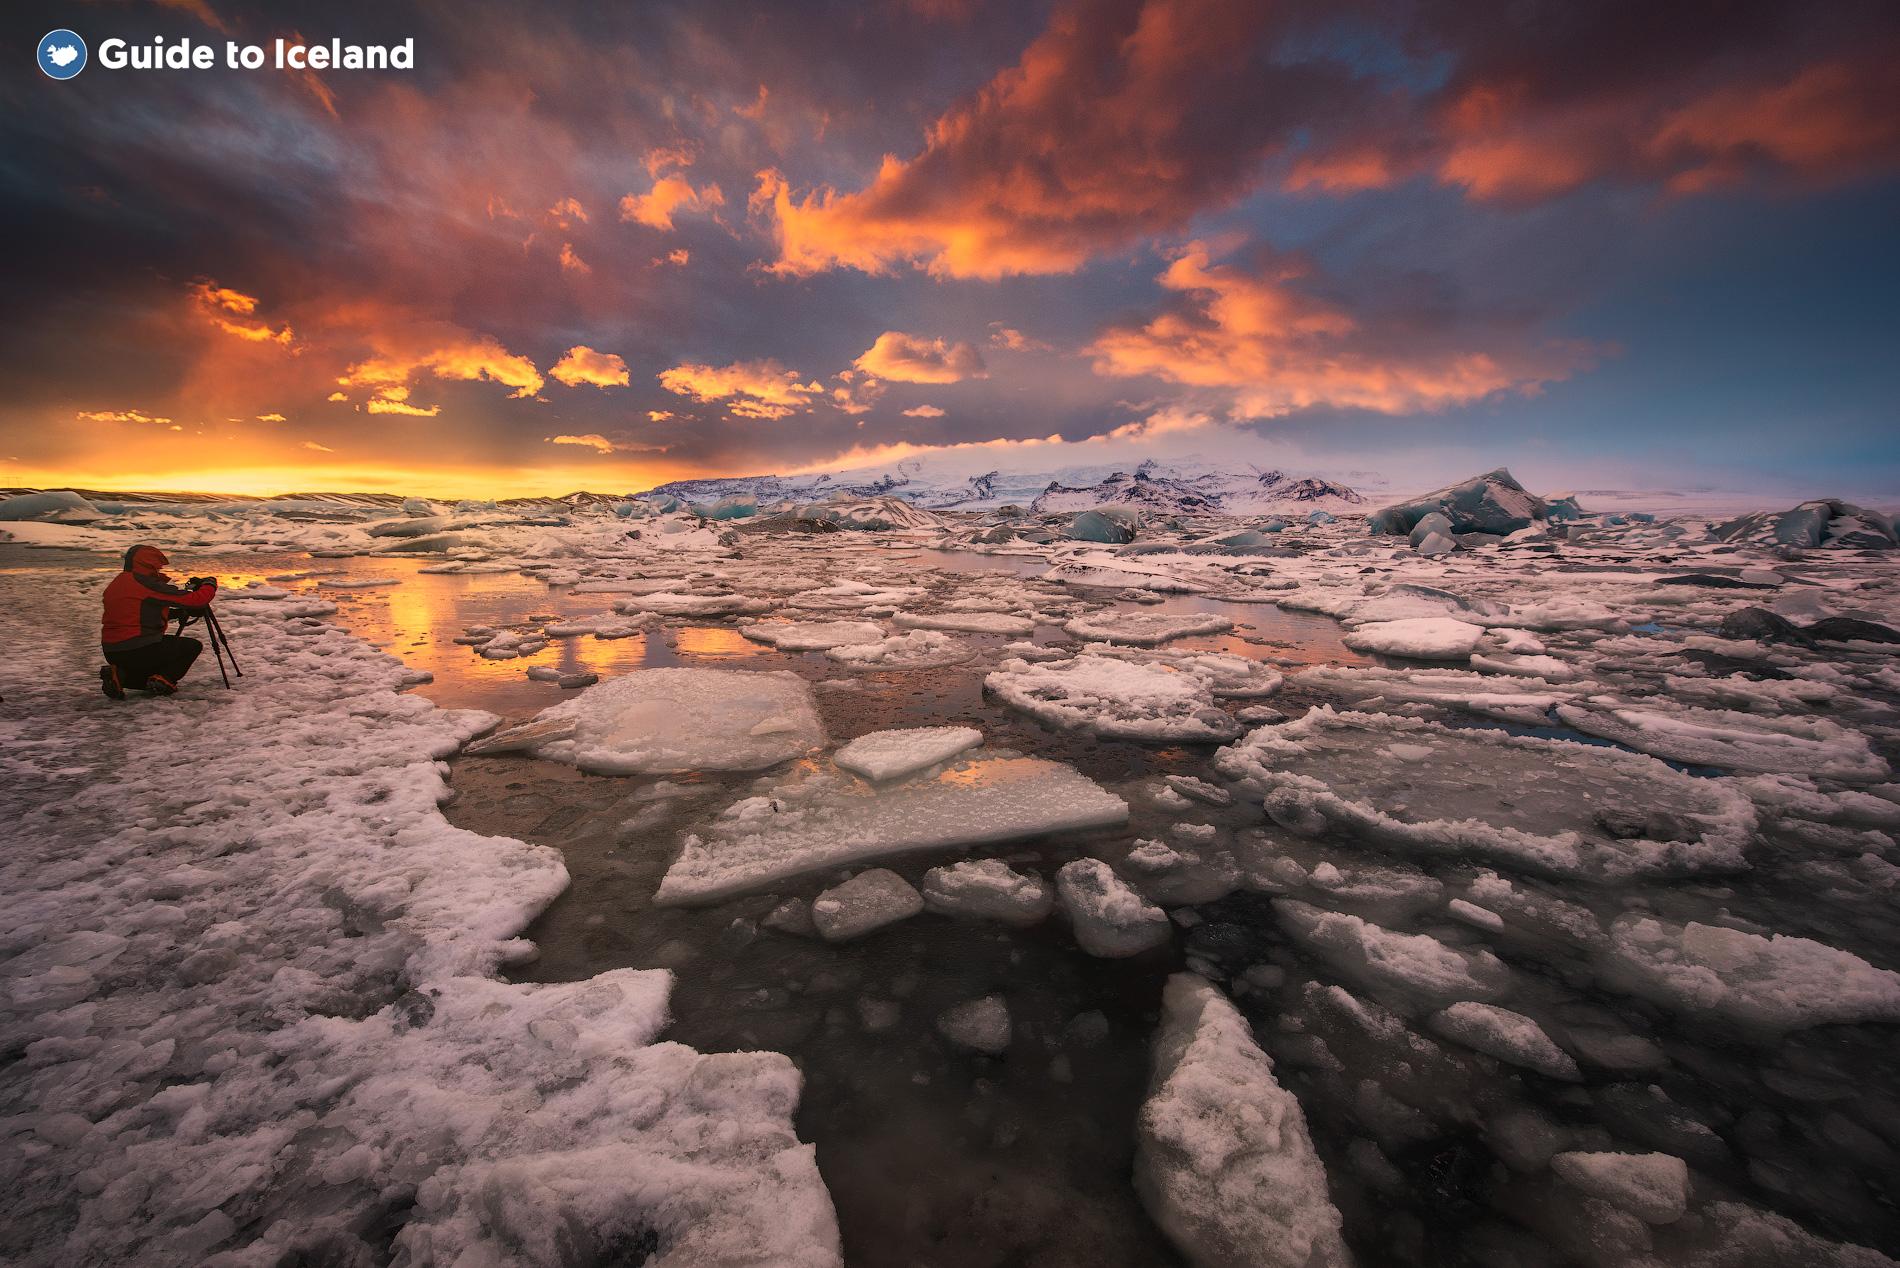 La laguna glaciar Jökulsárlón pintada en colores rosados del sol de medianoche.